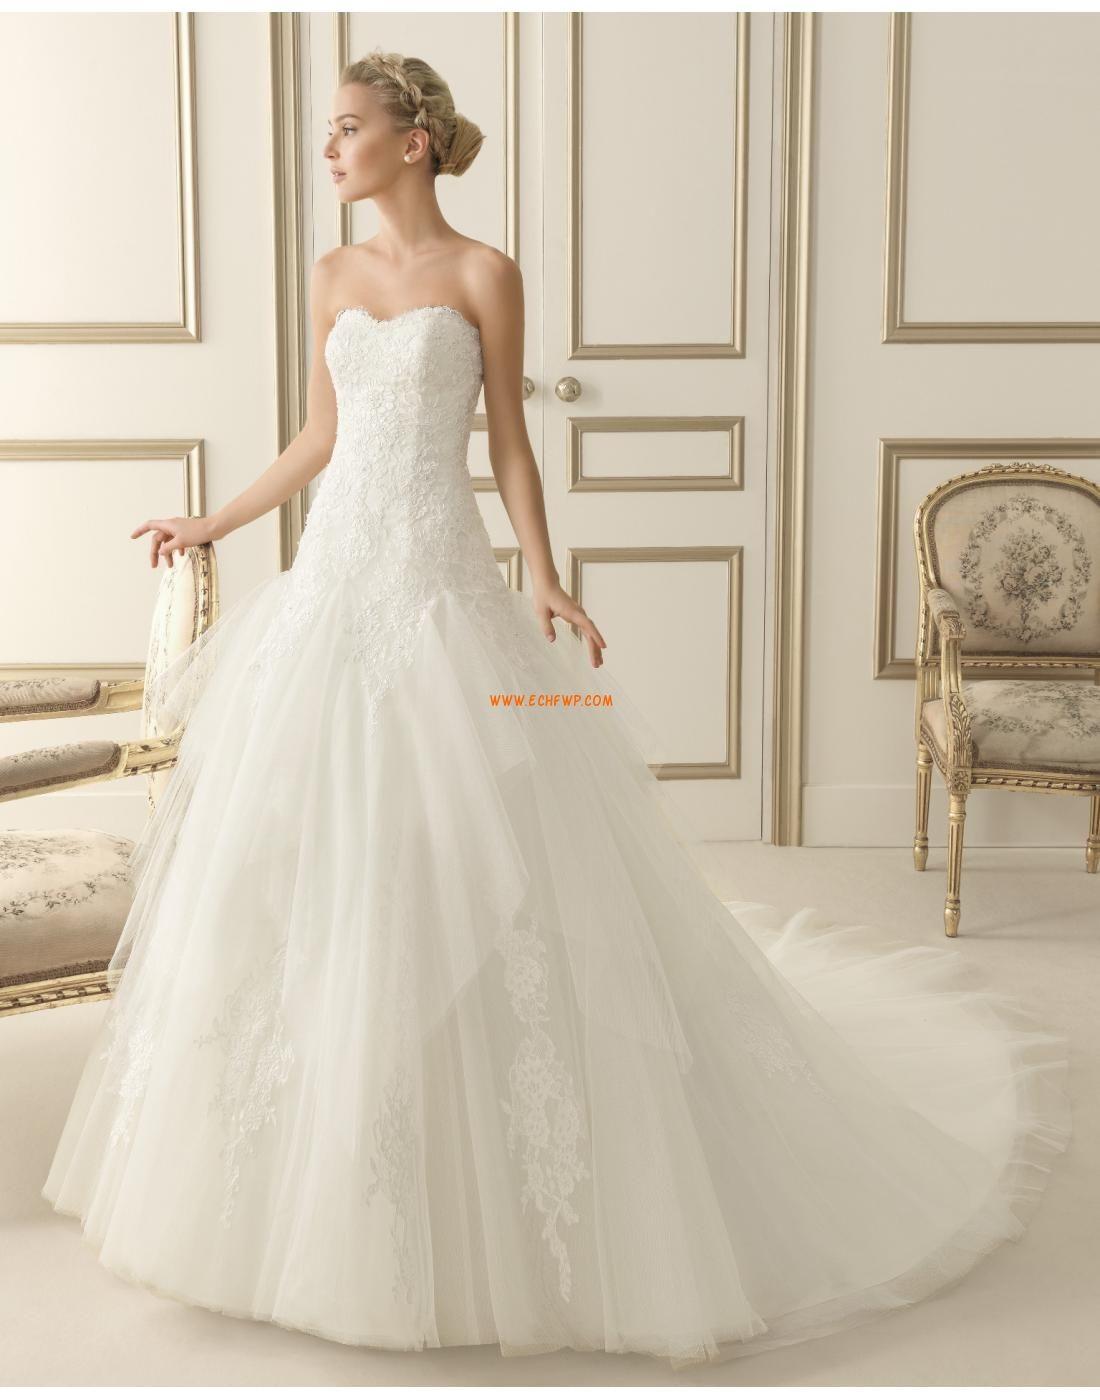 Elegant & Luxuriös 3/4 Arm Reißverschluss Brautkleider 2014 ...